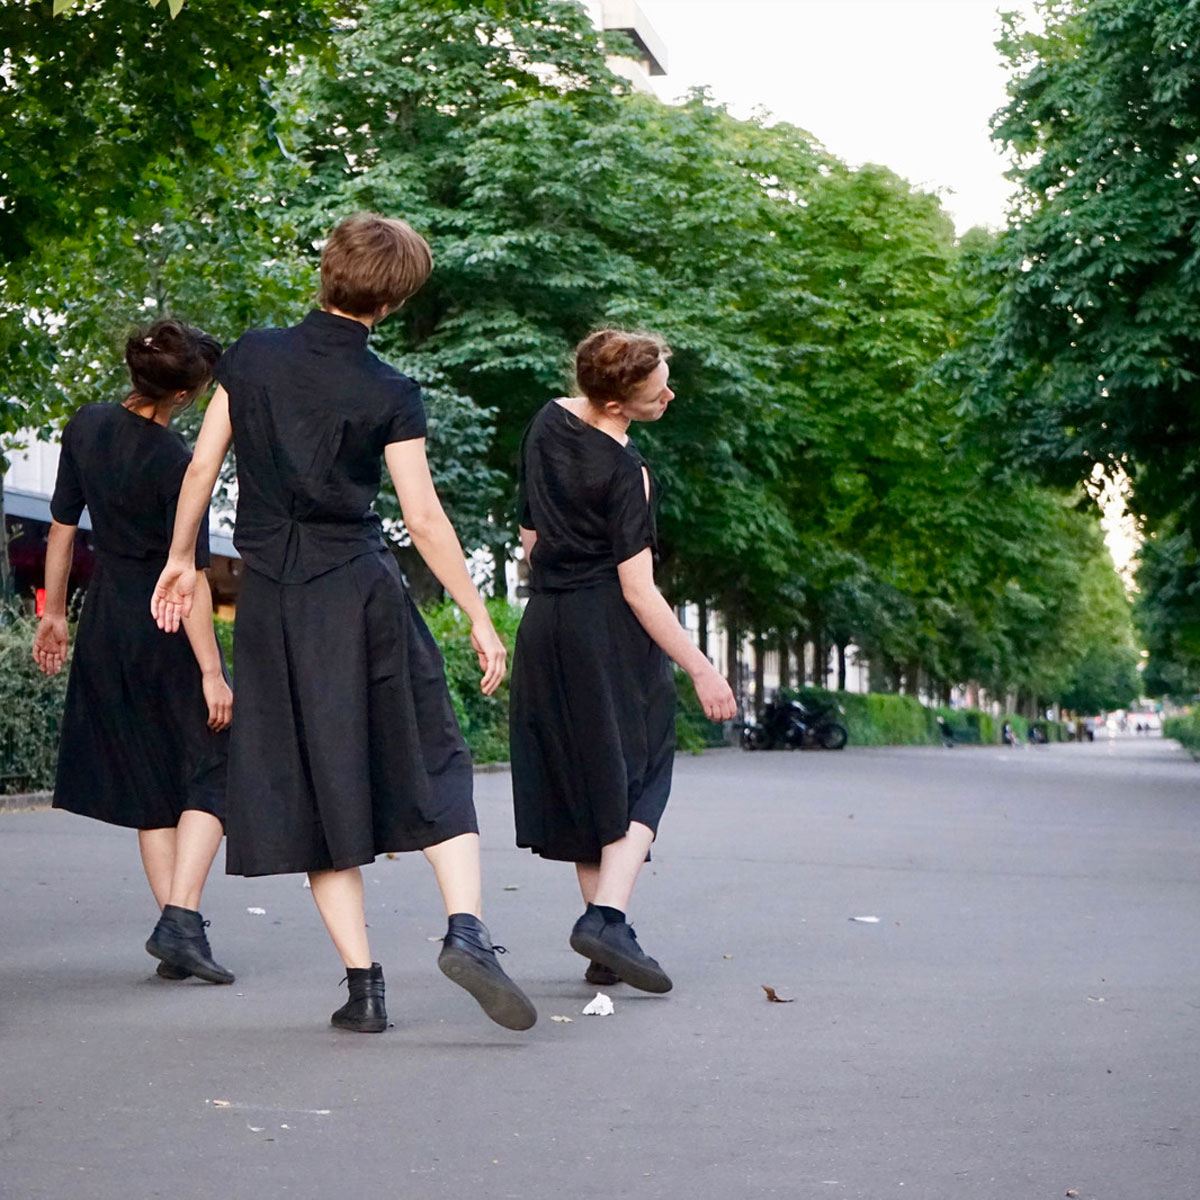 The_Ink_Collective_Inside_Ink_Pret_A_Partir_What_To_Do_Paris_See_Events_Et-20-L'été-Festival_3.jpg